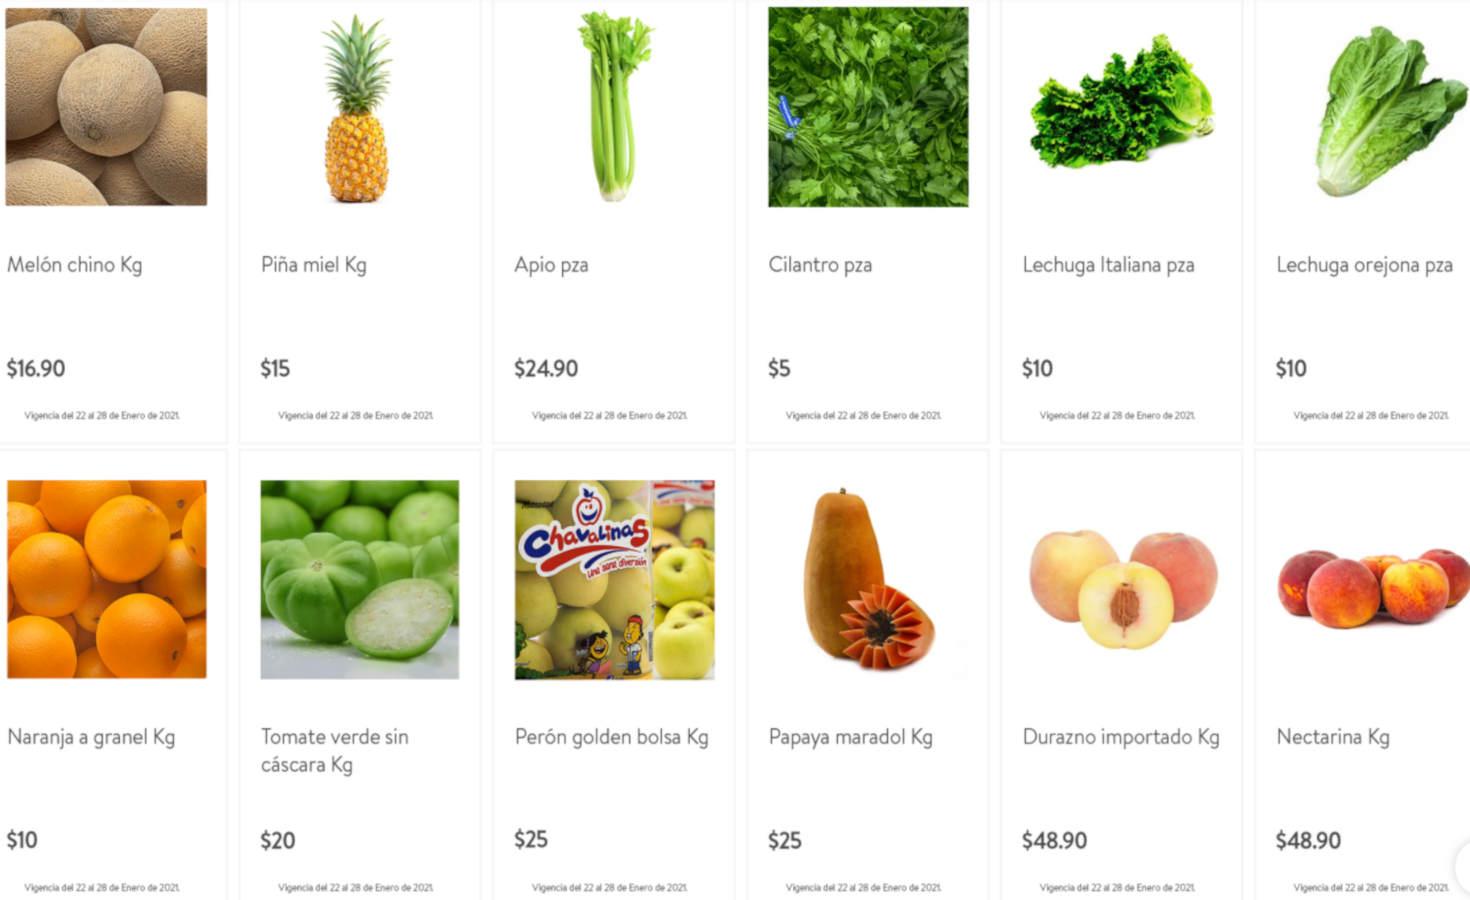 Folleto Tianguis Bodega Aurrerá frutas y verduras 22 al 28 de enero 2021